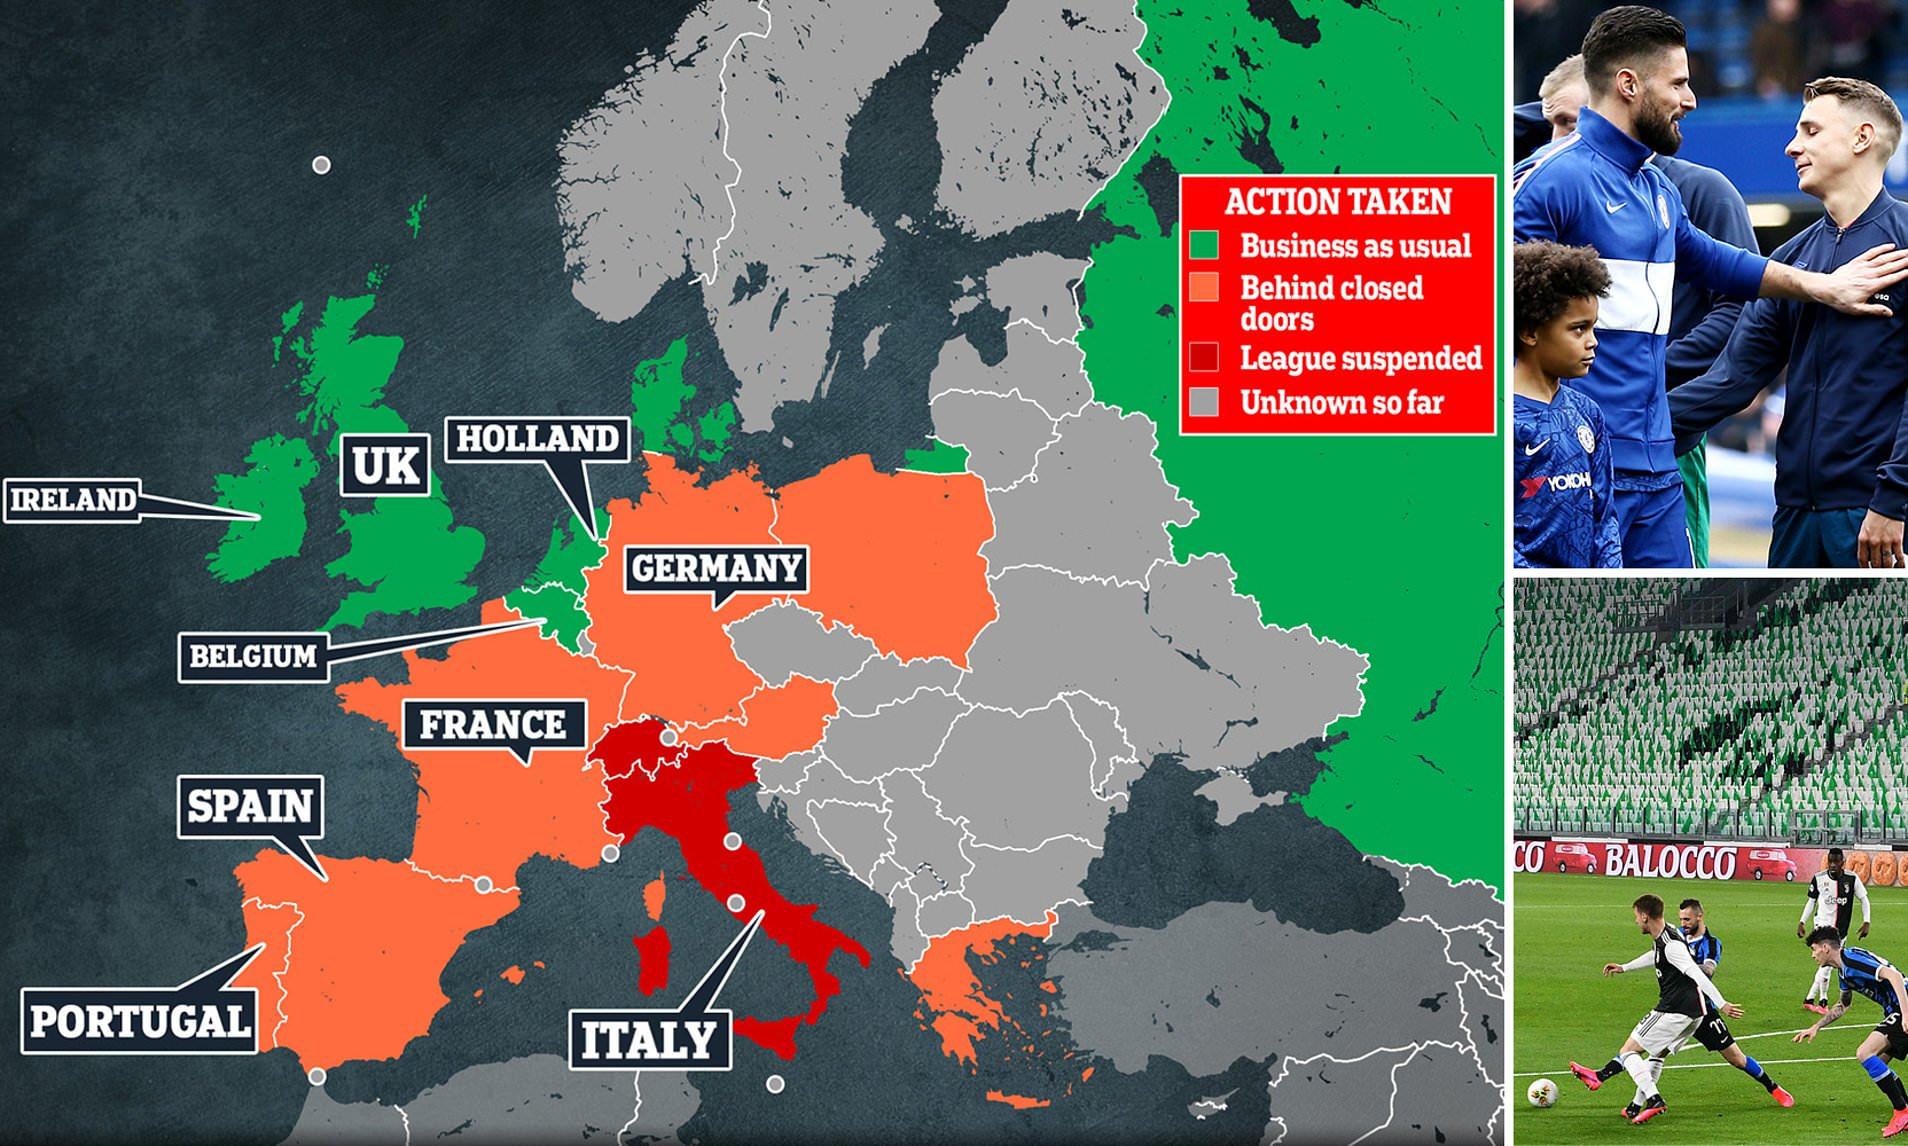 ลีกยุโรป จะกลับมาเมื่อไหล่